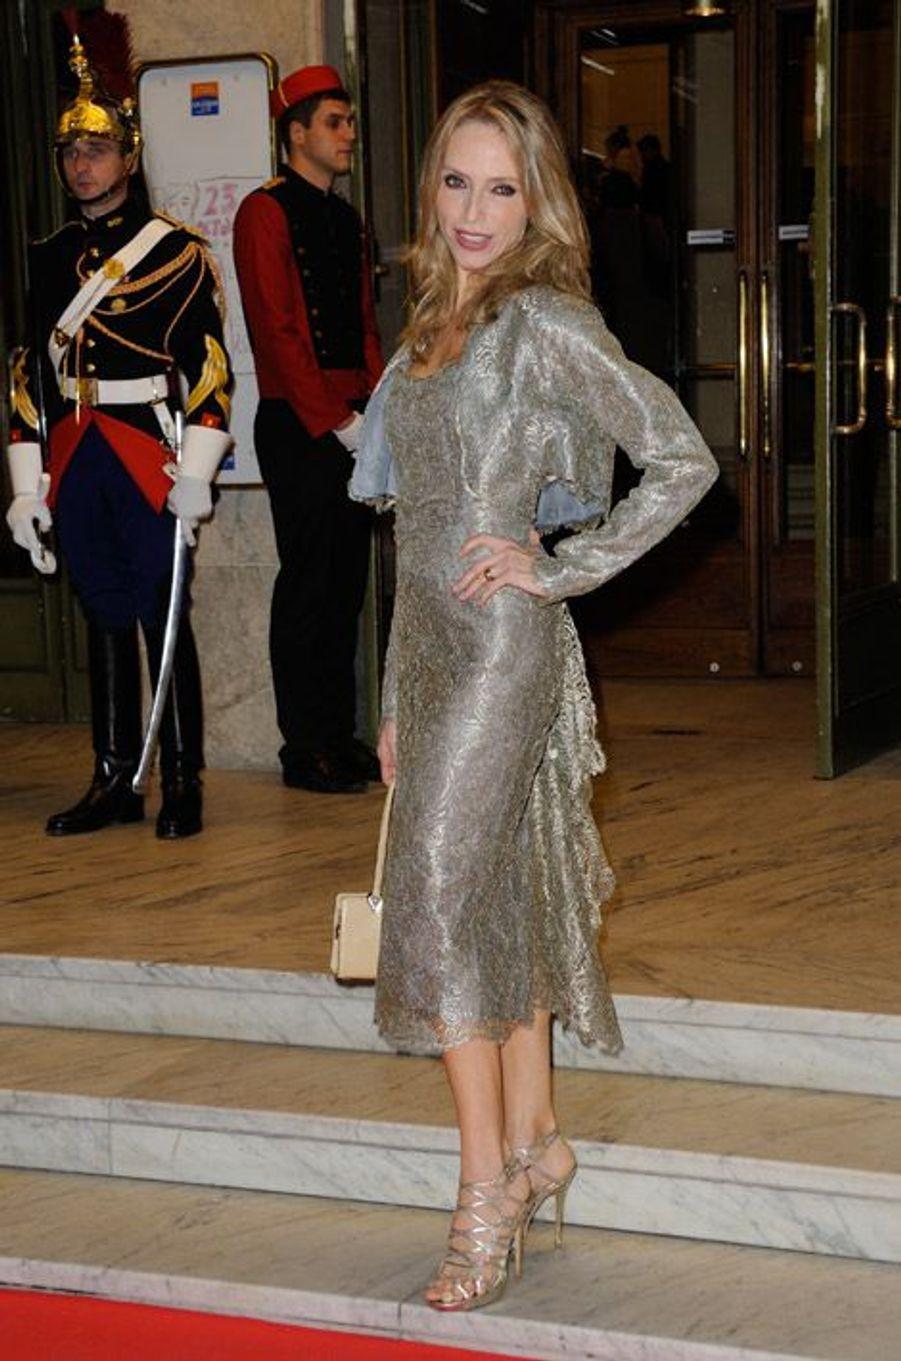 Tonya Kinzinger, favorite de Danse avec les stars 5, 46 ans, lors du Gala de l'espoir pour la lutte contre le cancer à Paris, le 23 octobre 2014